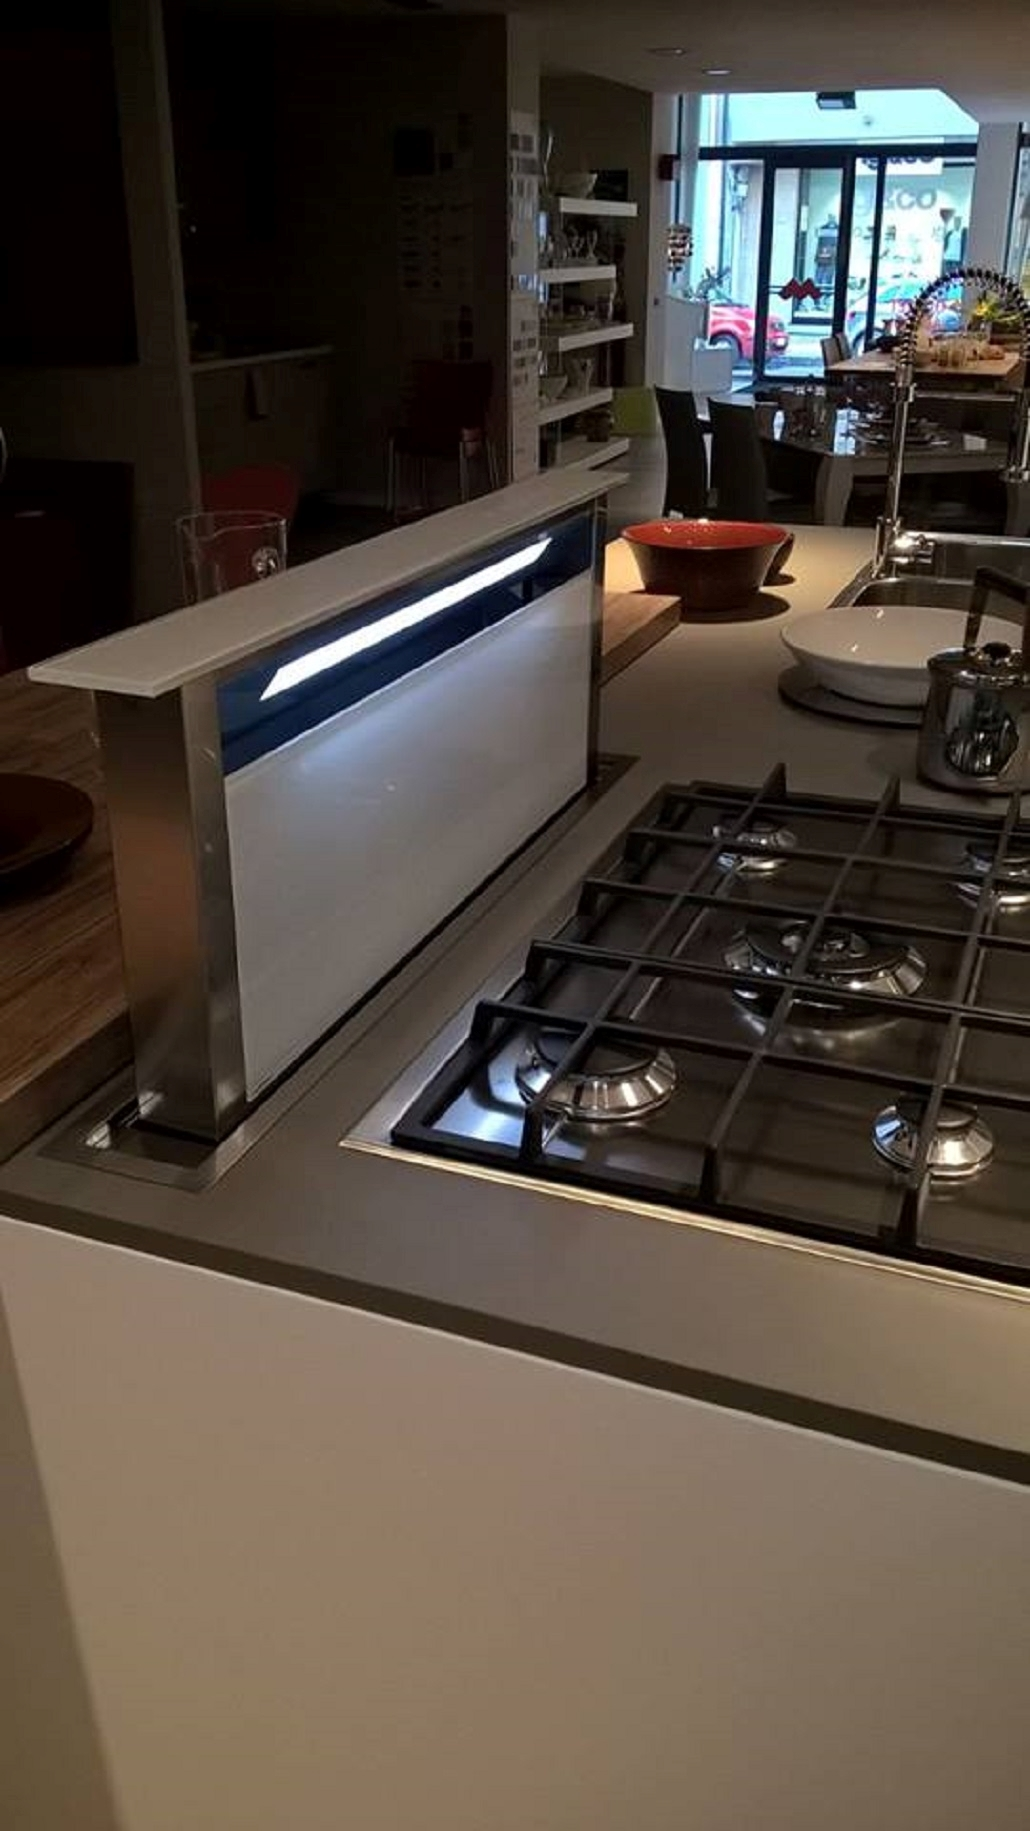 Cucina Lube Cucine Cucina Lube Laccate Opaco Cucine A